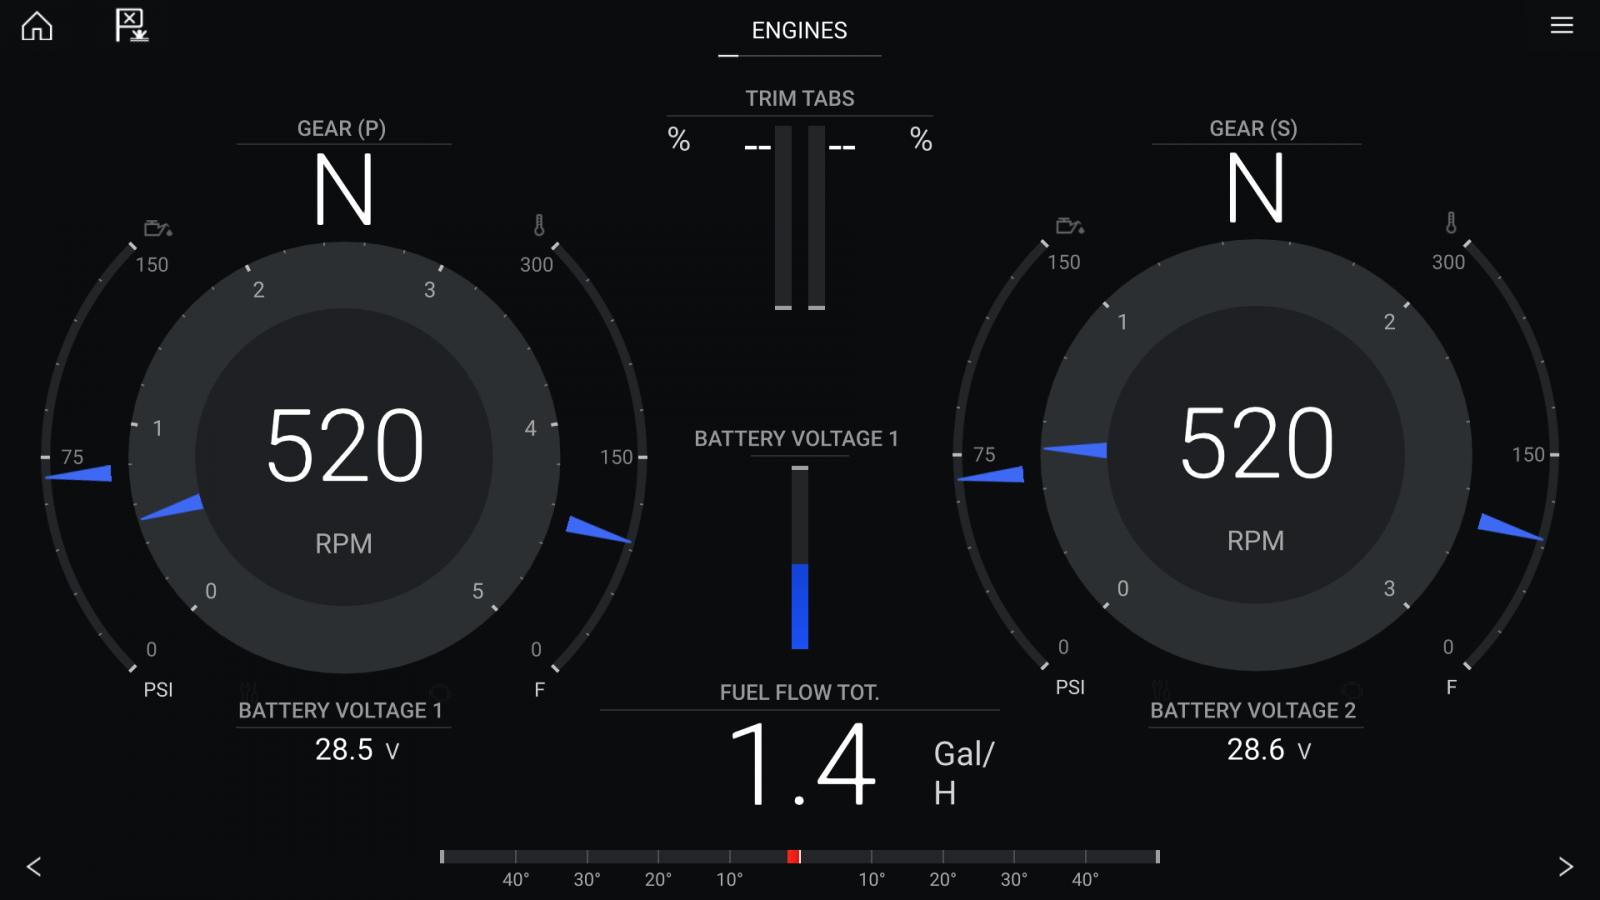 Actisense EMU-1, analog engine gauges to NMEA 2000 happiness